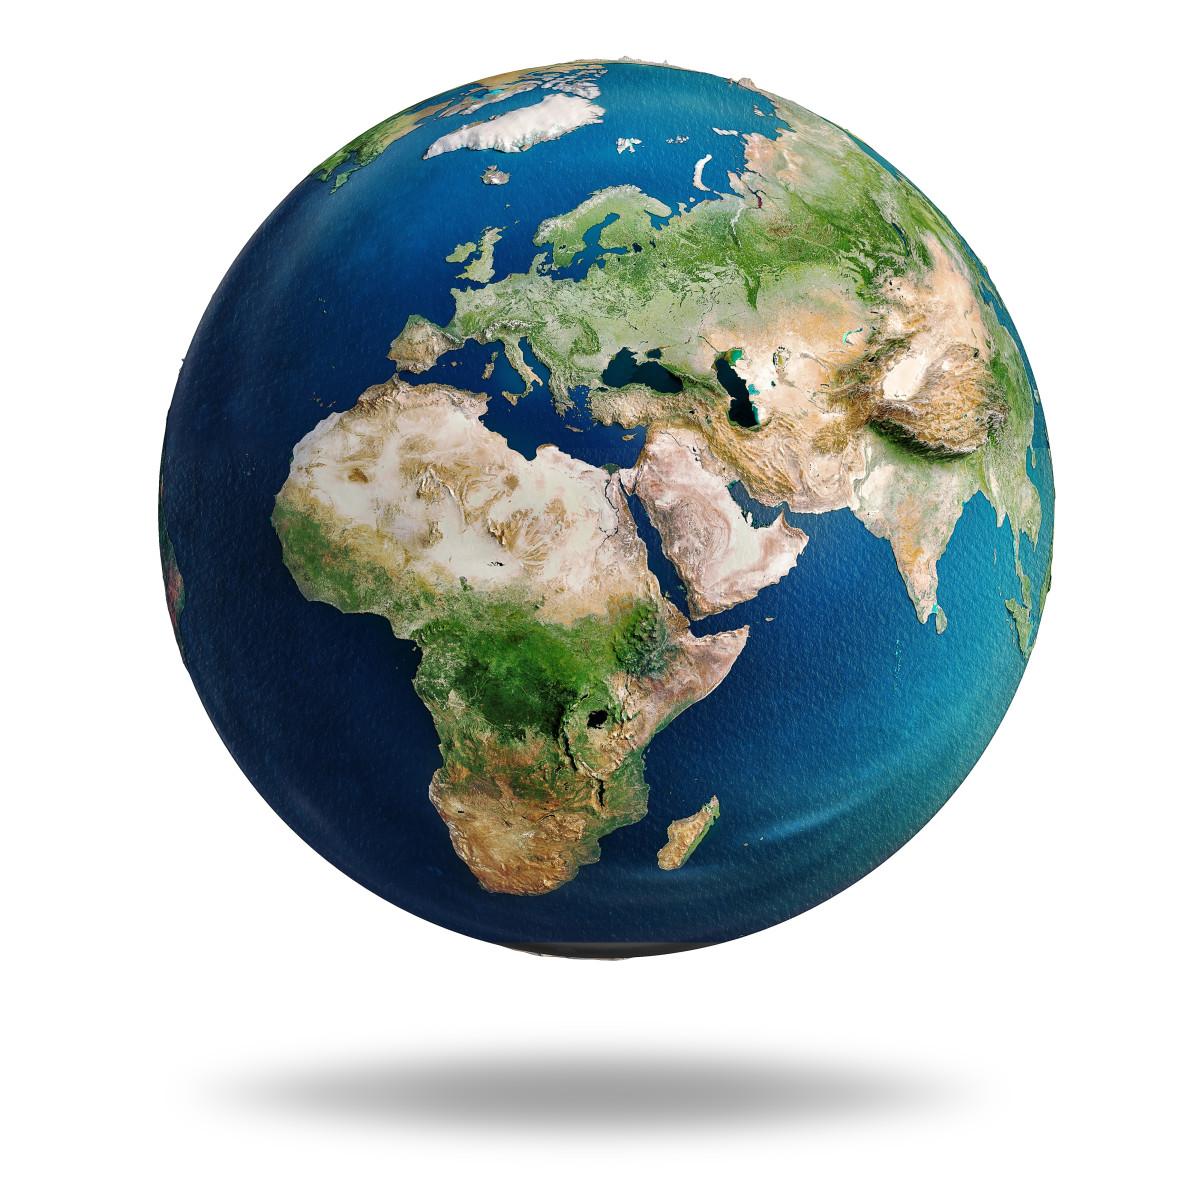 Globe_icomiaArt